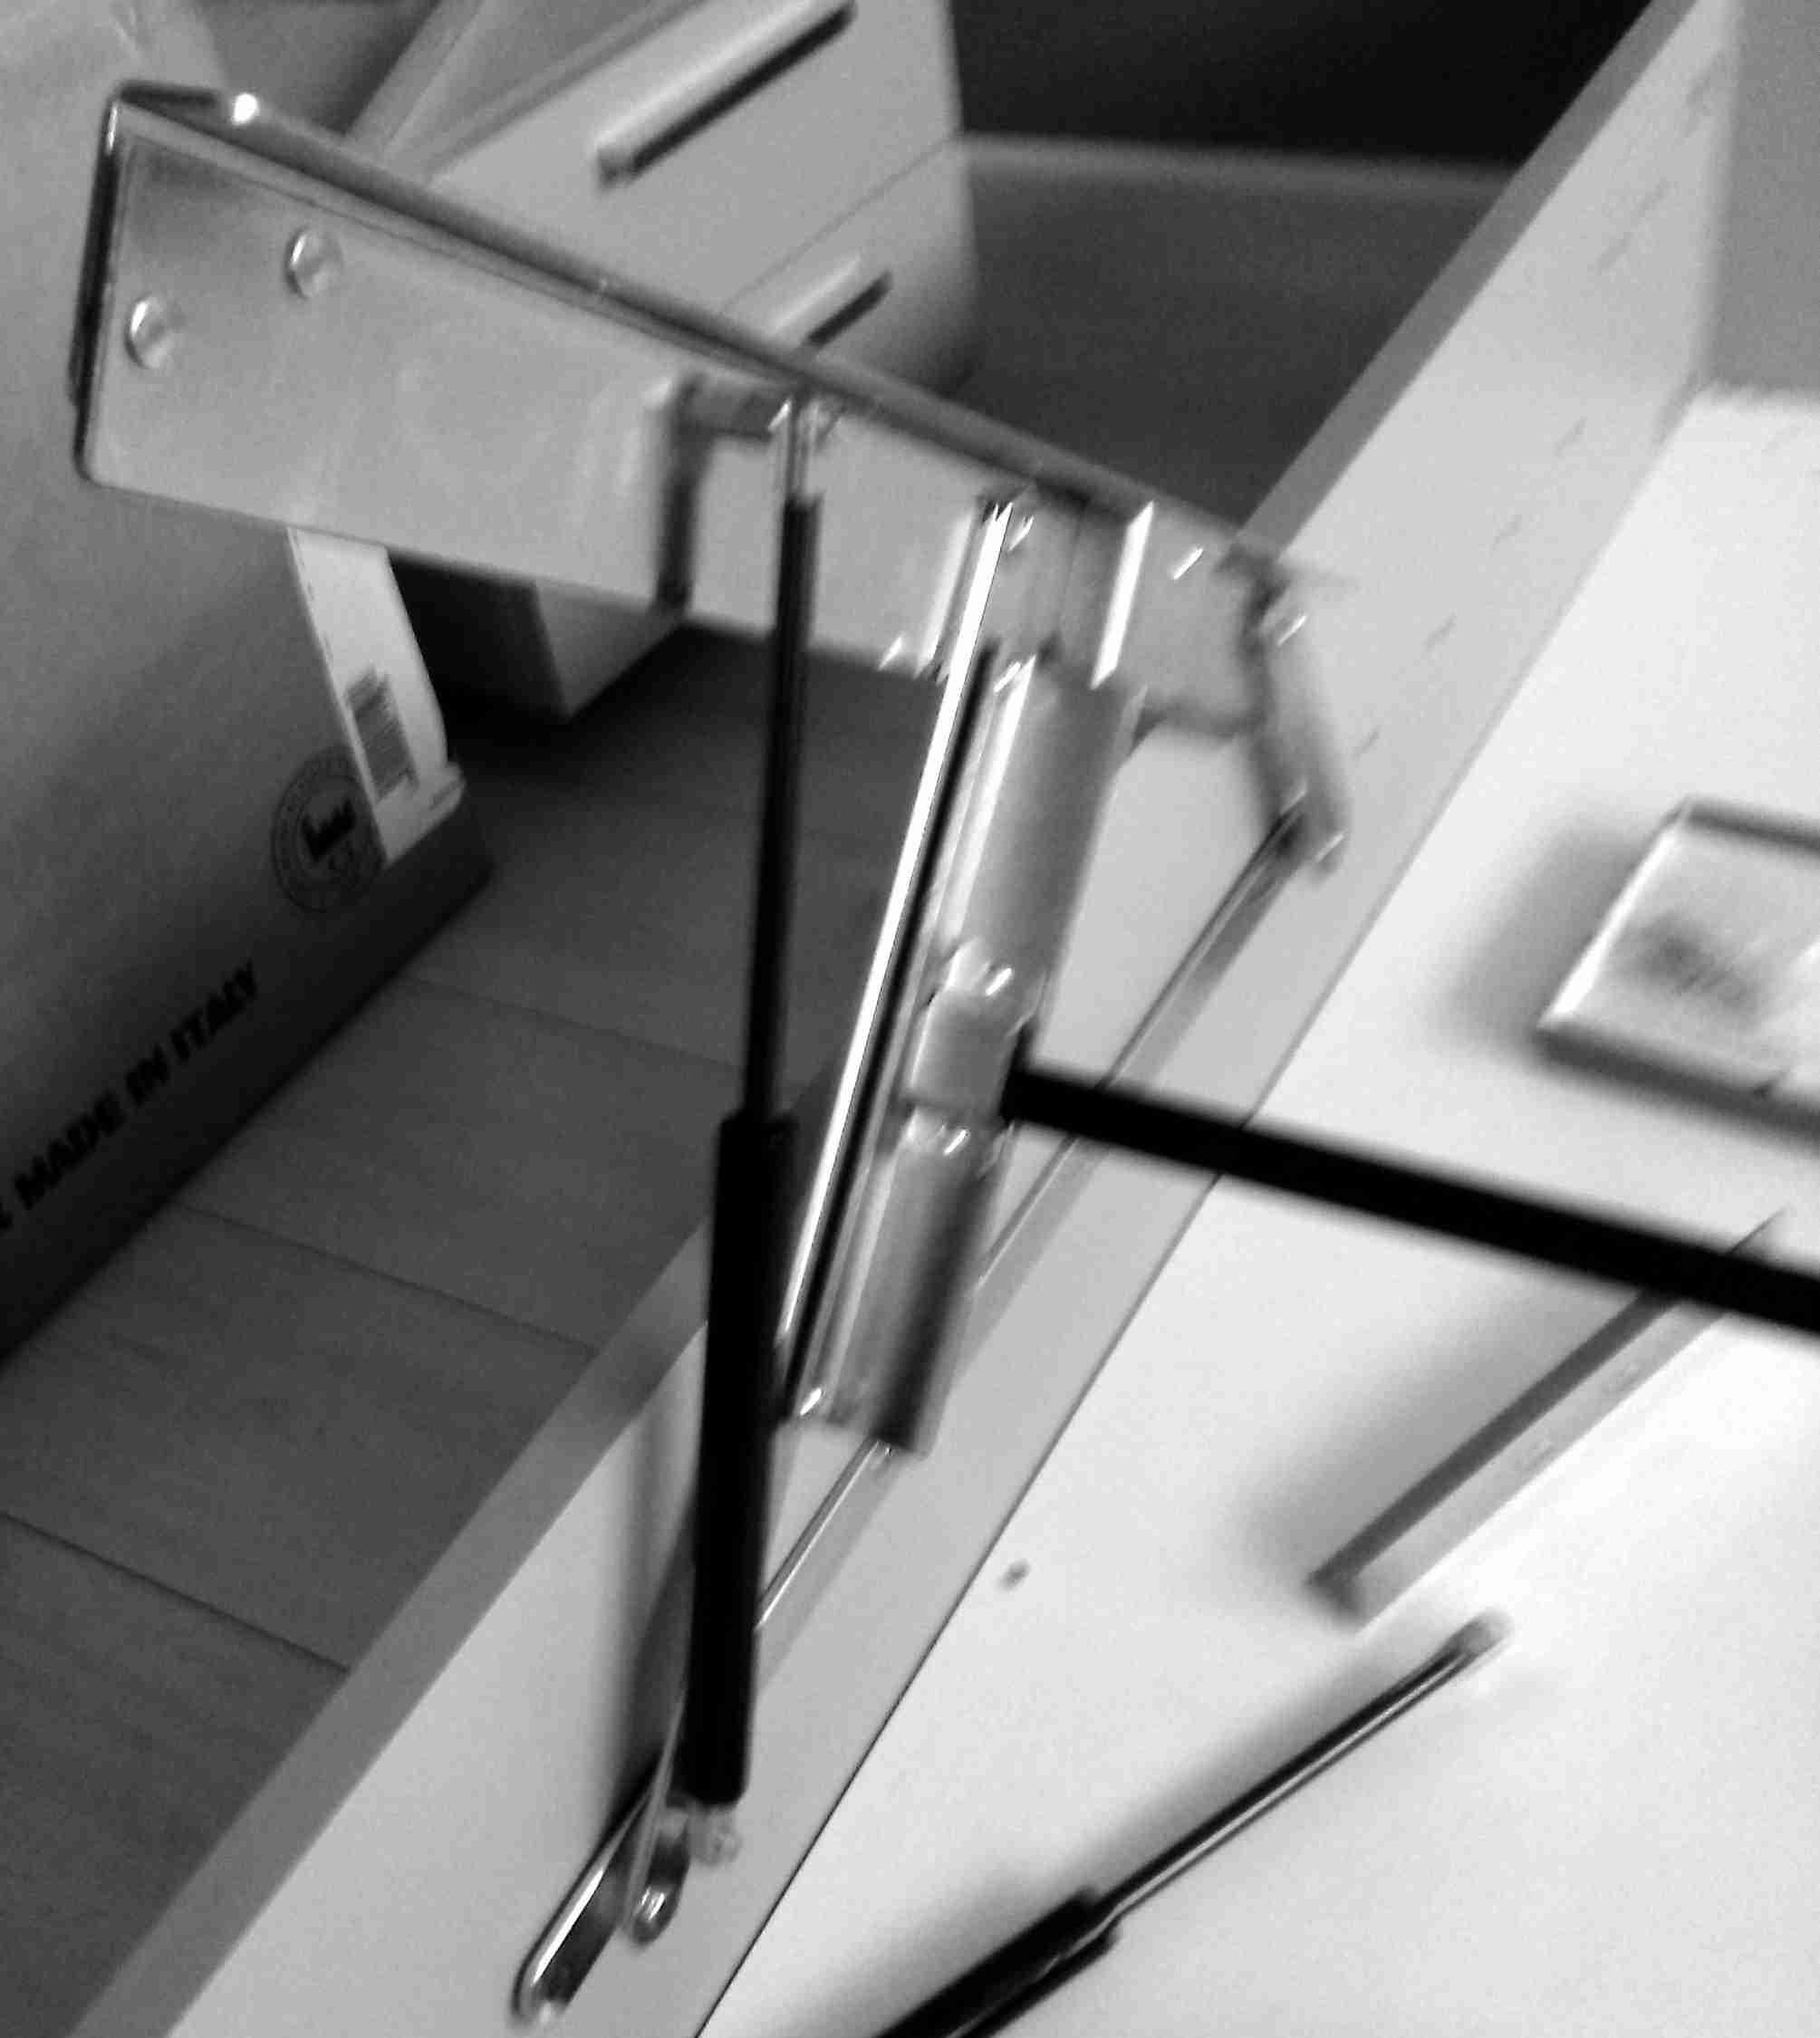 Kit Meccanismo Completo Di Pistoni Per Letto Contenitore